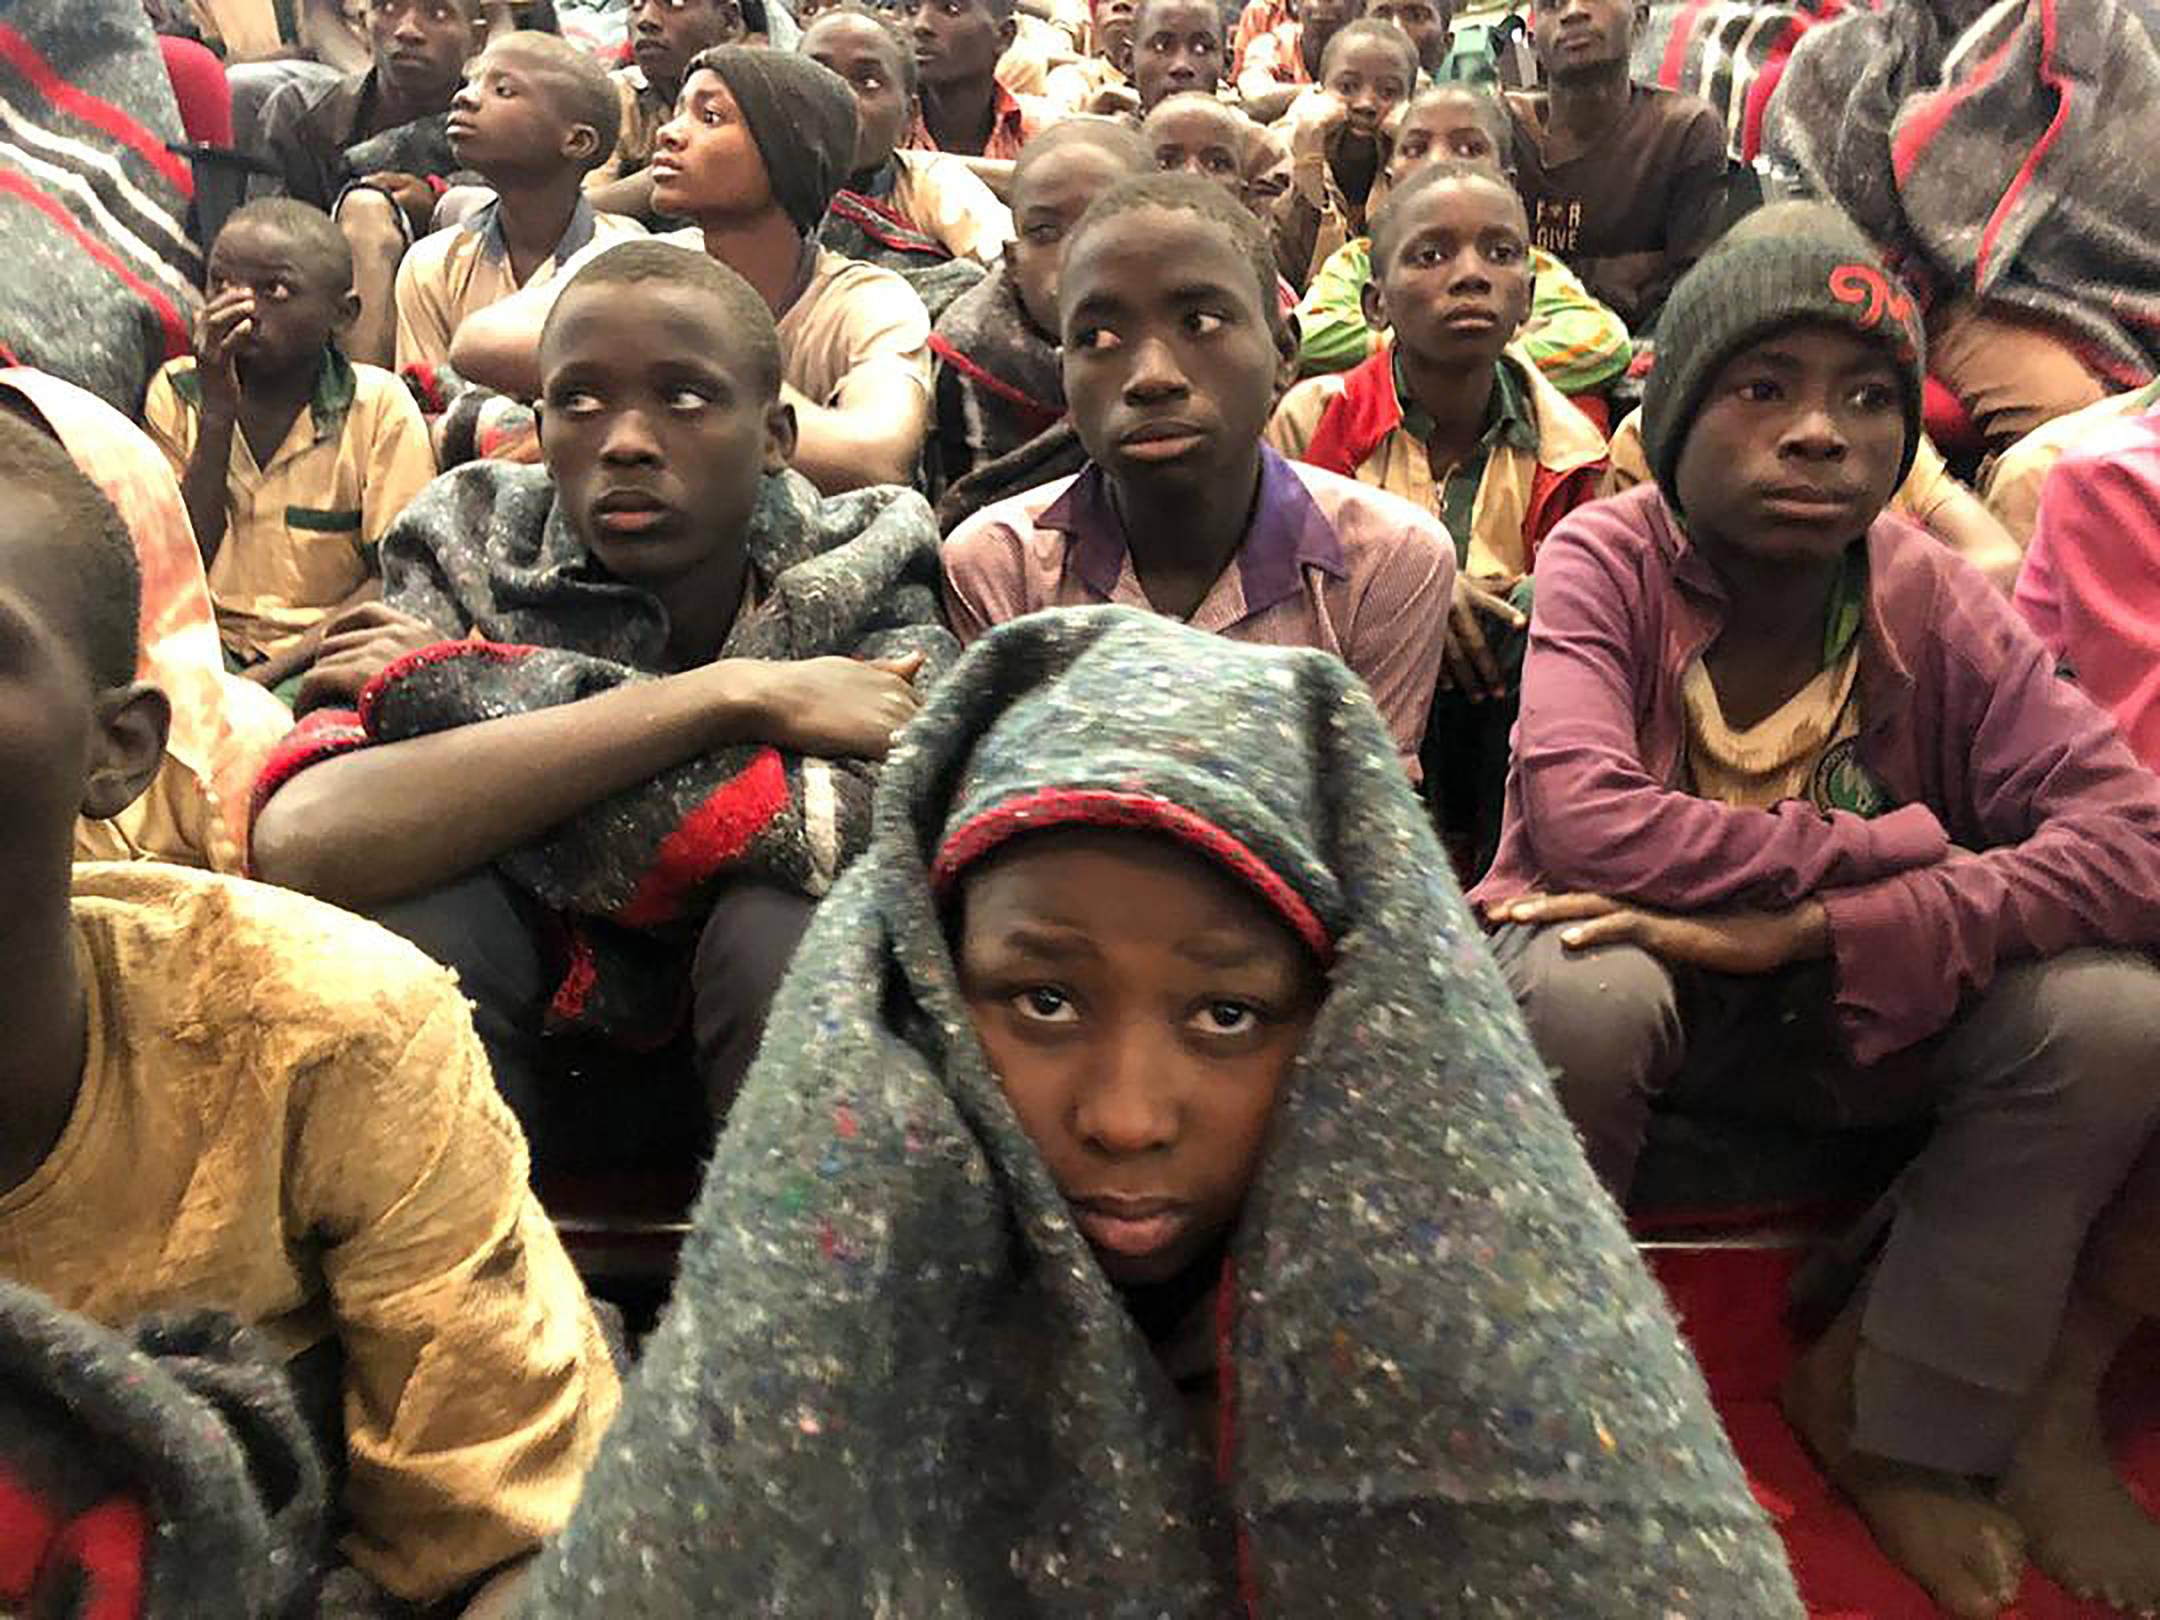 Quelques uns des 300 élèves nigérians libérés le 17 décembre, après avoir été enlevés par Boko Haram une semaine auparavant.